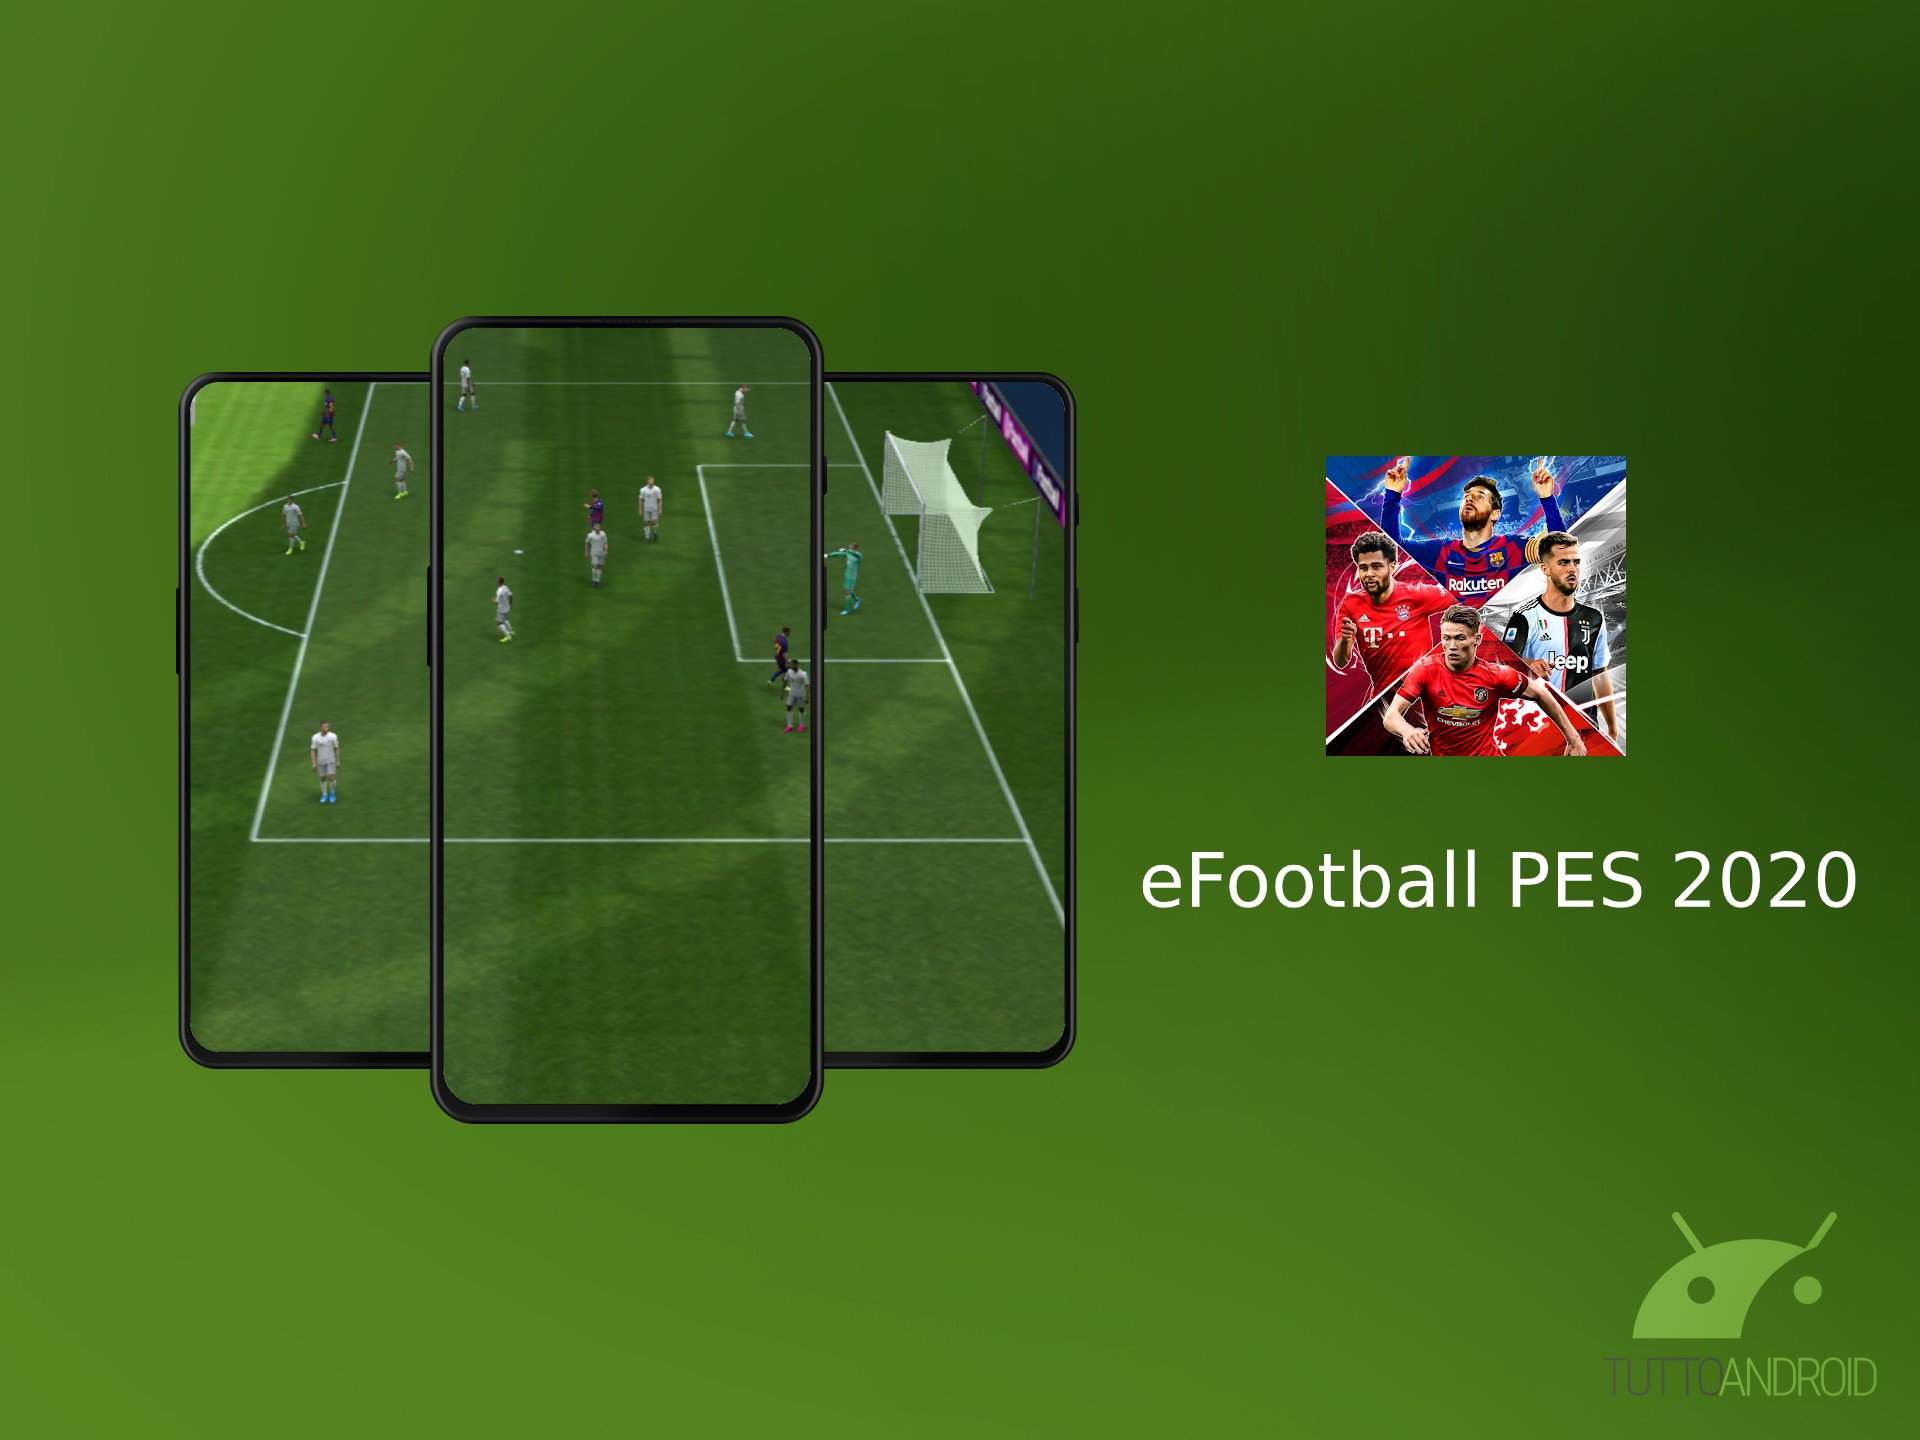 eFootball PES 2020 arriva su Android ed è già giocabile